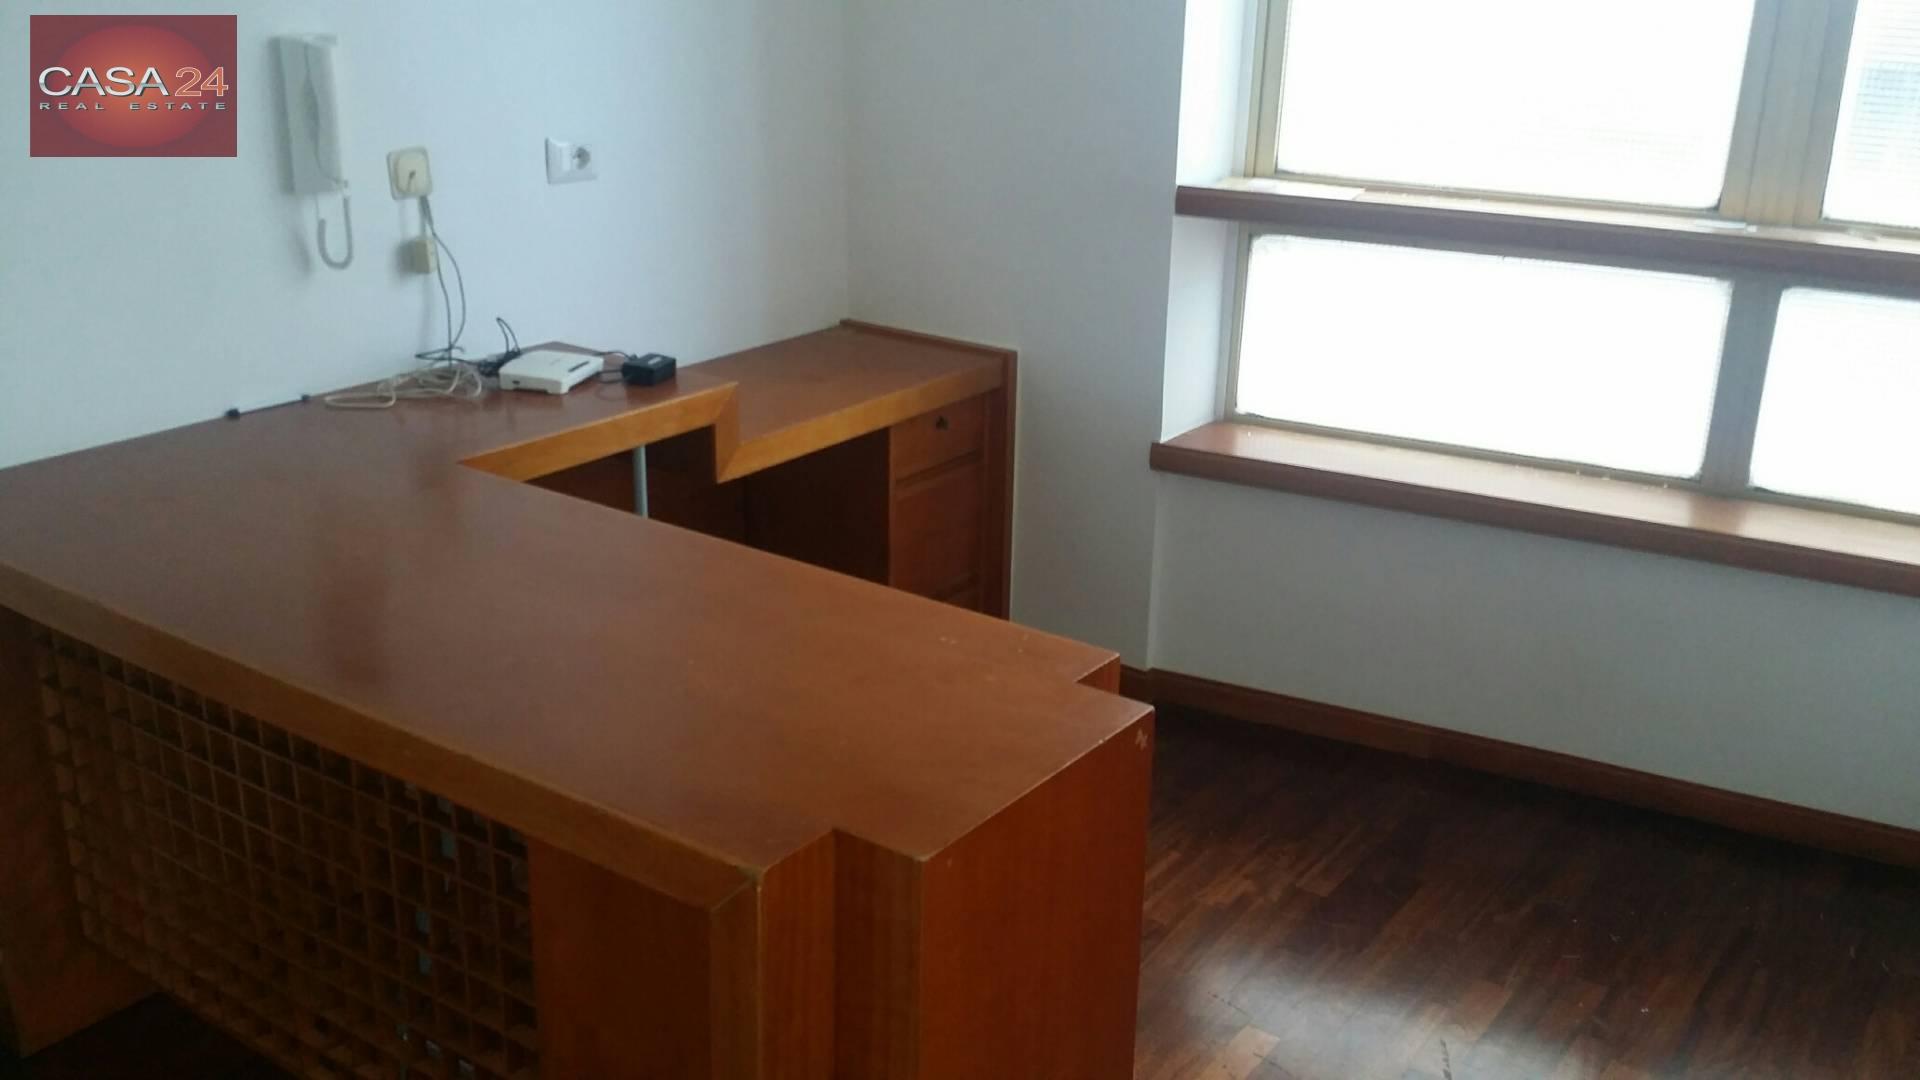 Appartamento in affitto a Latina, 9999 locali, zona Località: R0ZonaCentrale, prezzo € 800 | Cambio Casa.it